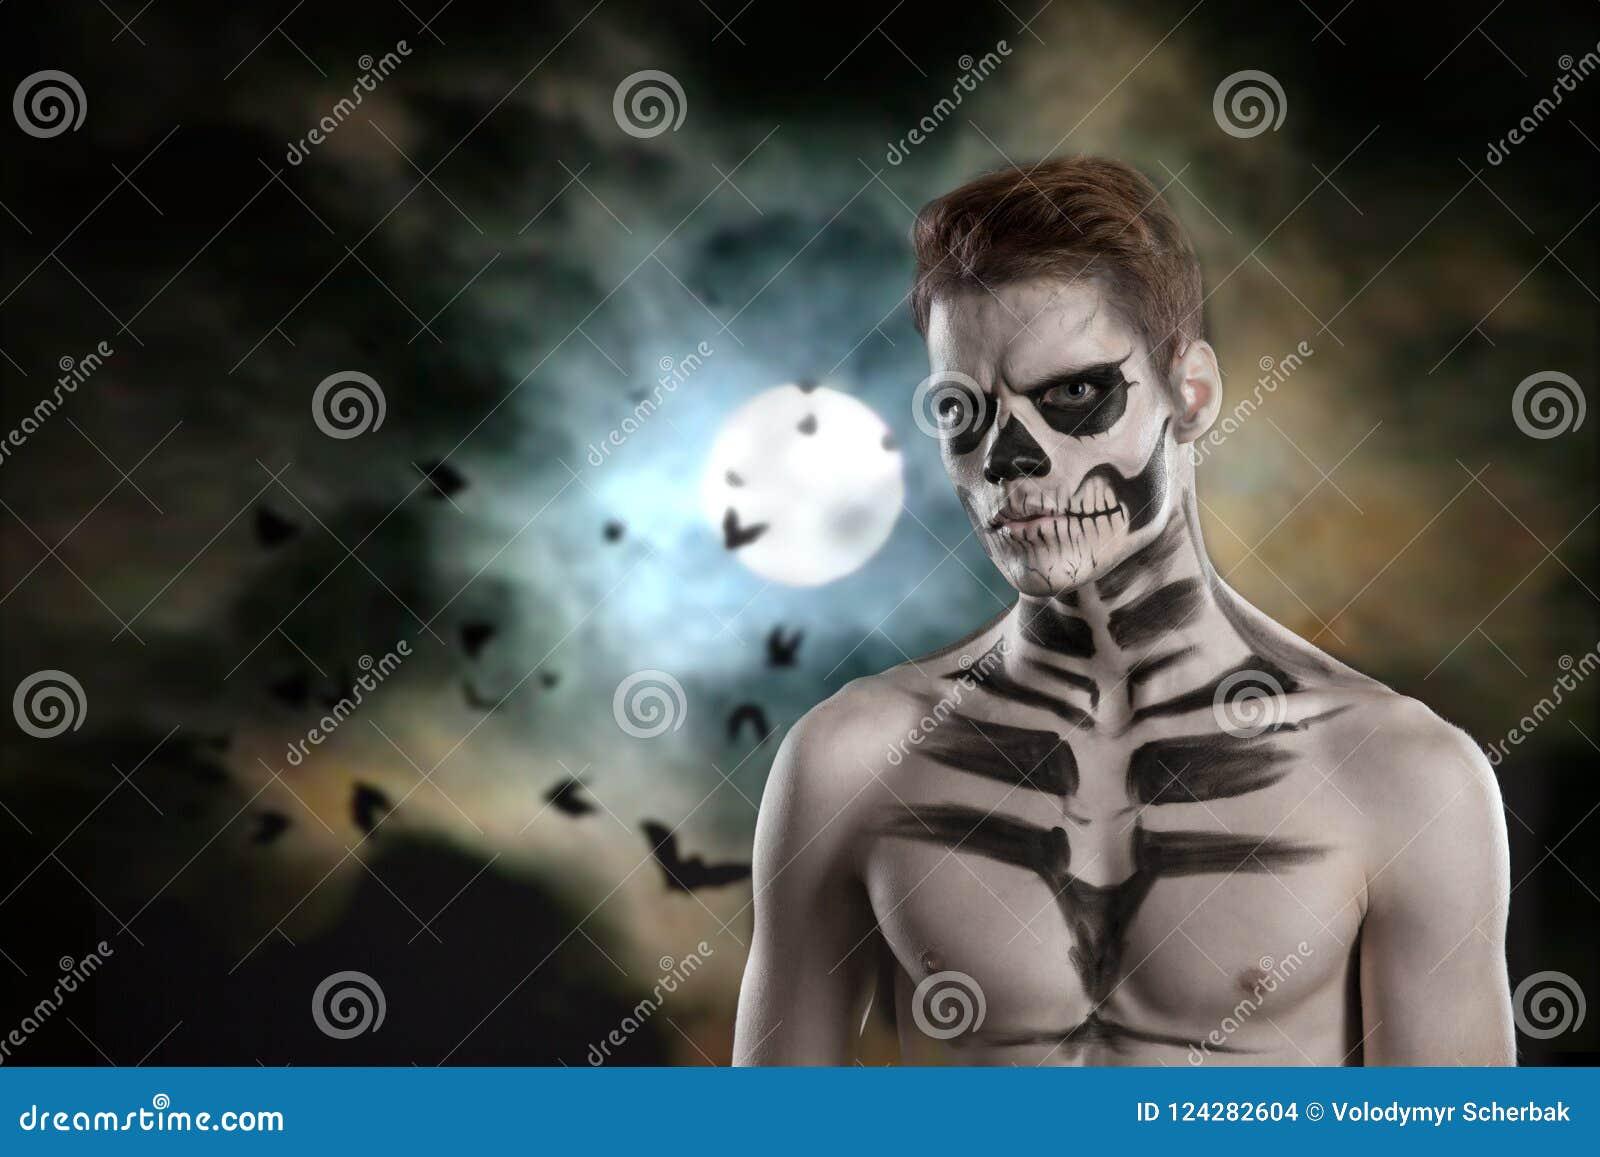 Dia de los Muerto Costume - il giorno dei morti è una festa messicana Qui è un uomo con il fronte del cranio